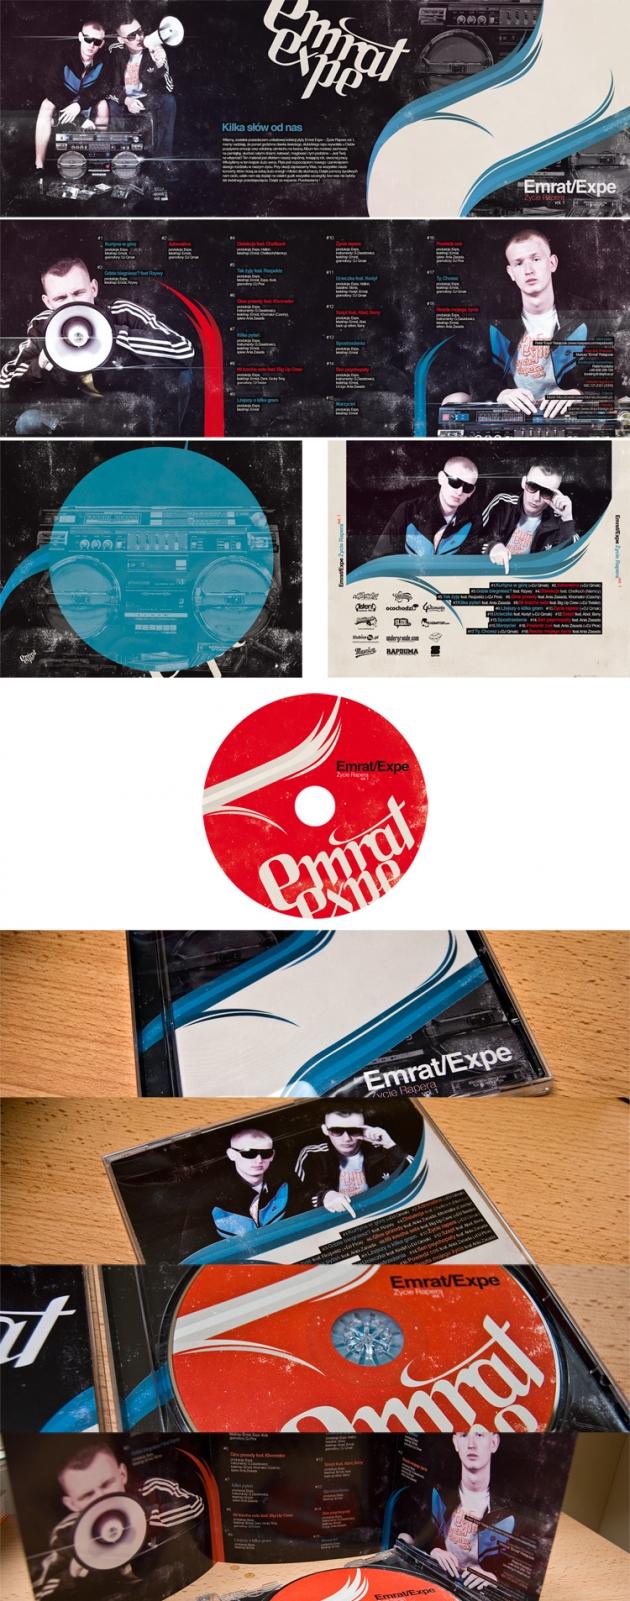 Emrat/Expe Cover